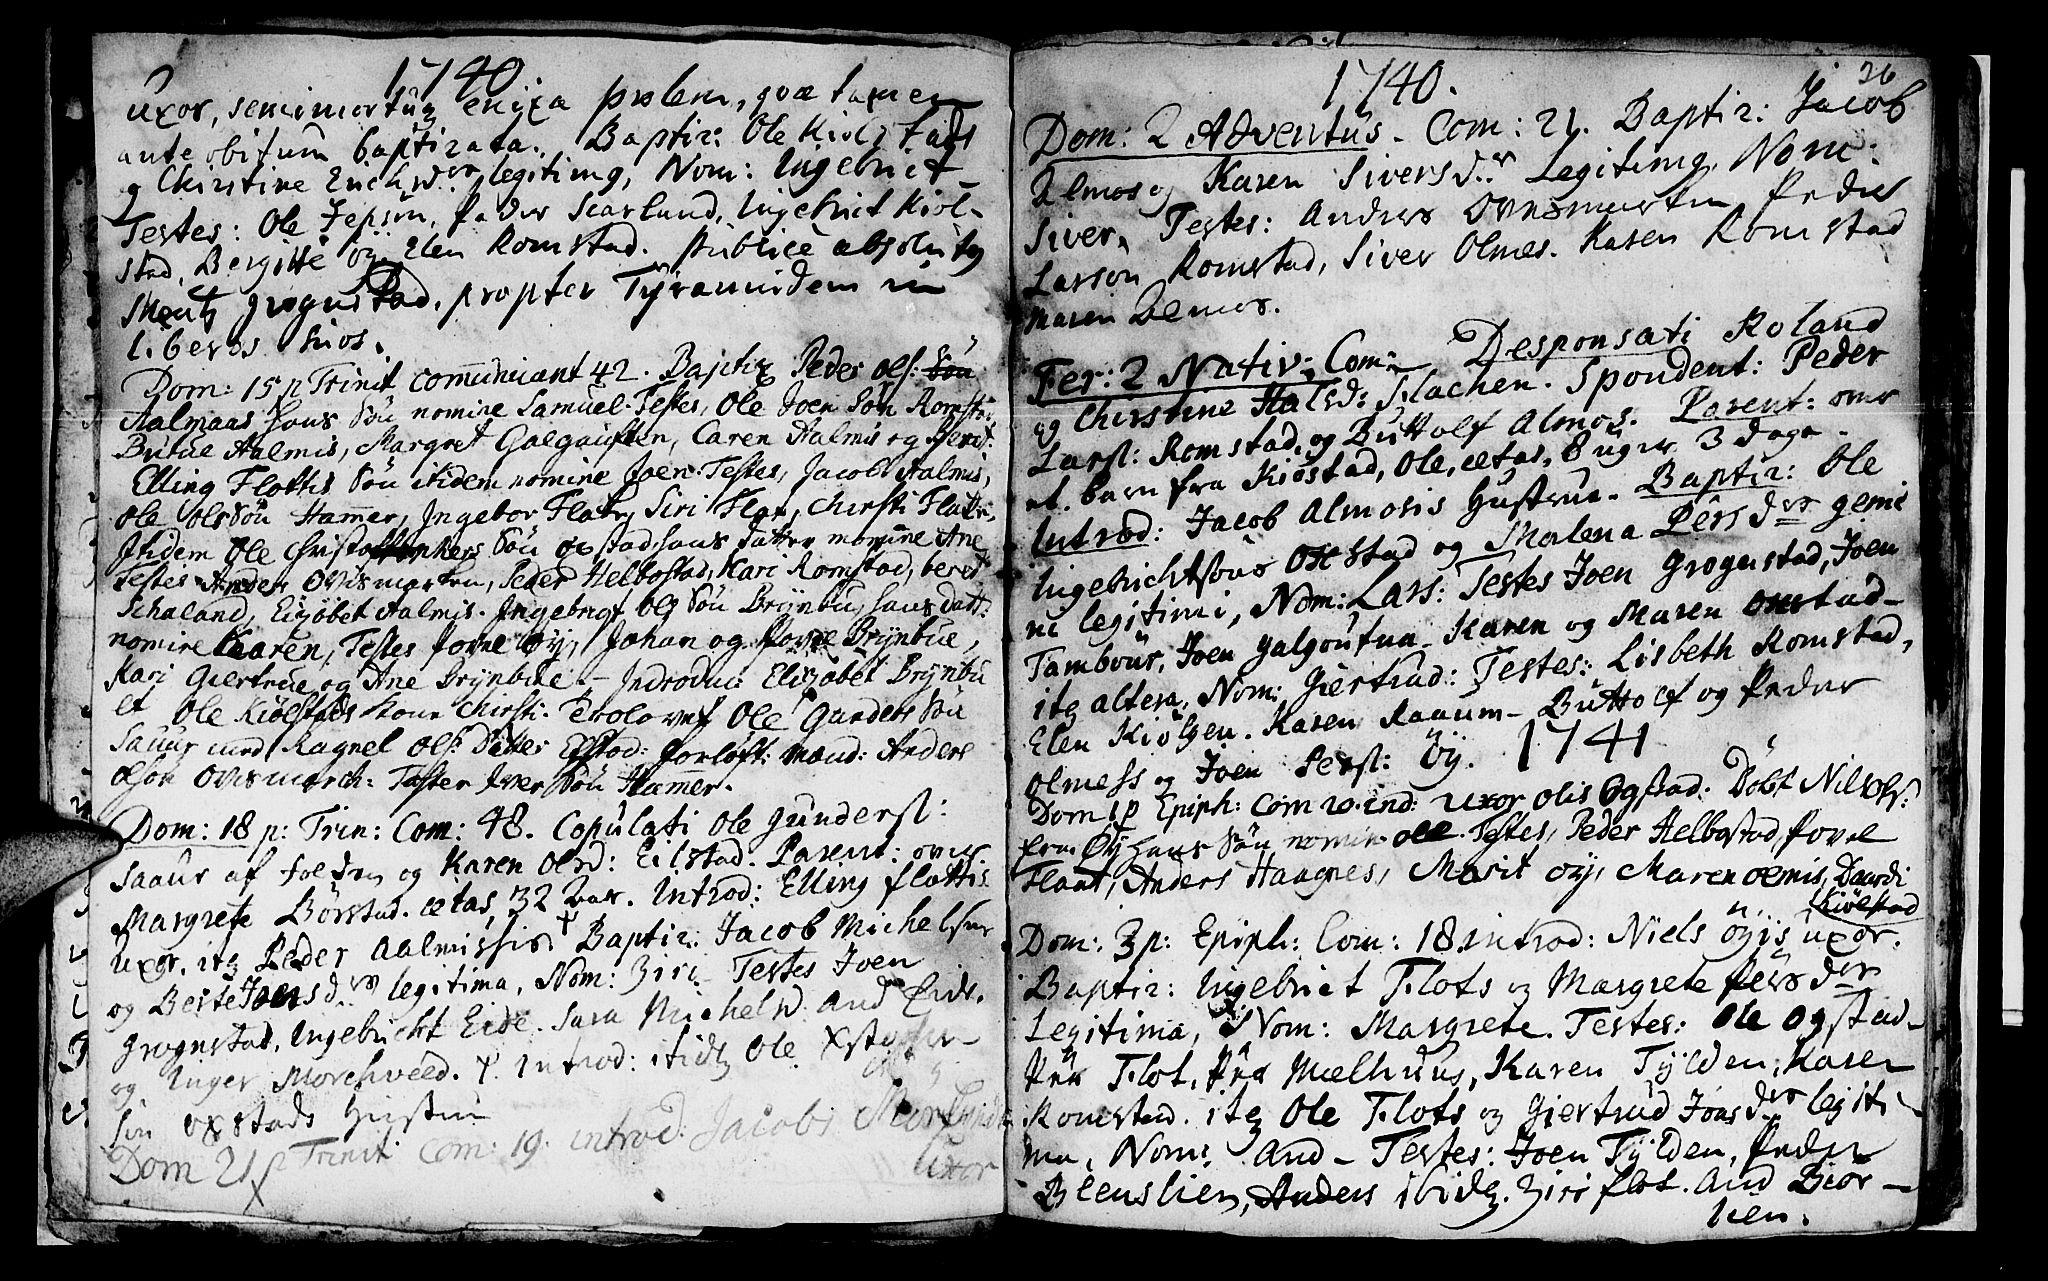 SAT, Ministerialprotokoller, klokkerbøker og fødselsregistre - Nord-Trøndelag, 765/L0560: Ministerialbok nr. 765A01, 1706-1748, s. 26